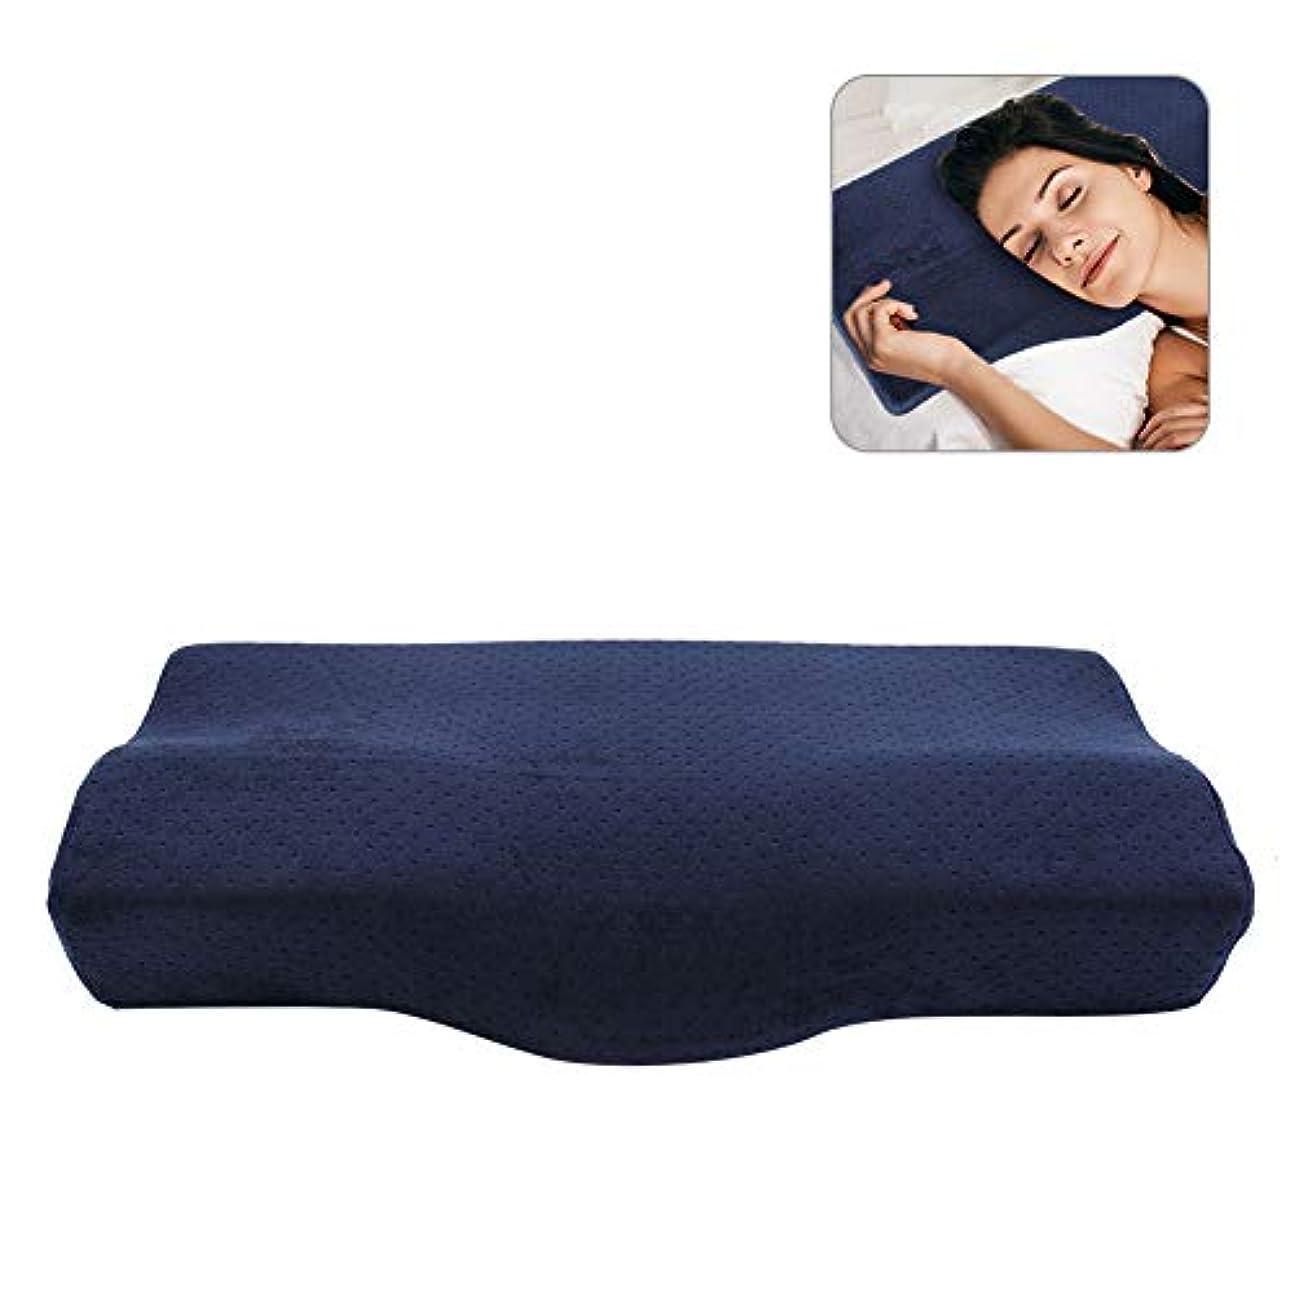 記者エロチック天気枕 安眠 低反発枕 肩こり対策 頸椎サポート 肩こり対策 首?頭?肩 子供 大人向き 美容院&グラフトまつげ (ダークブルー)